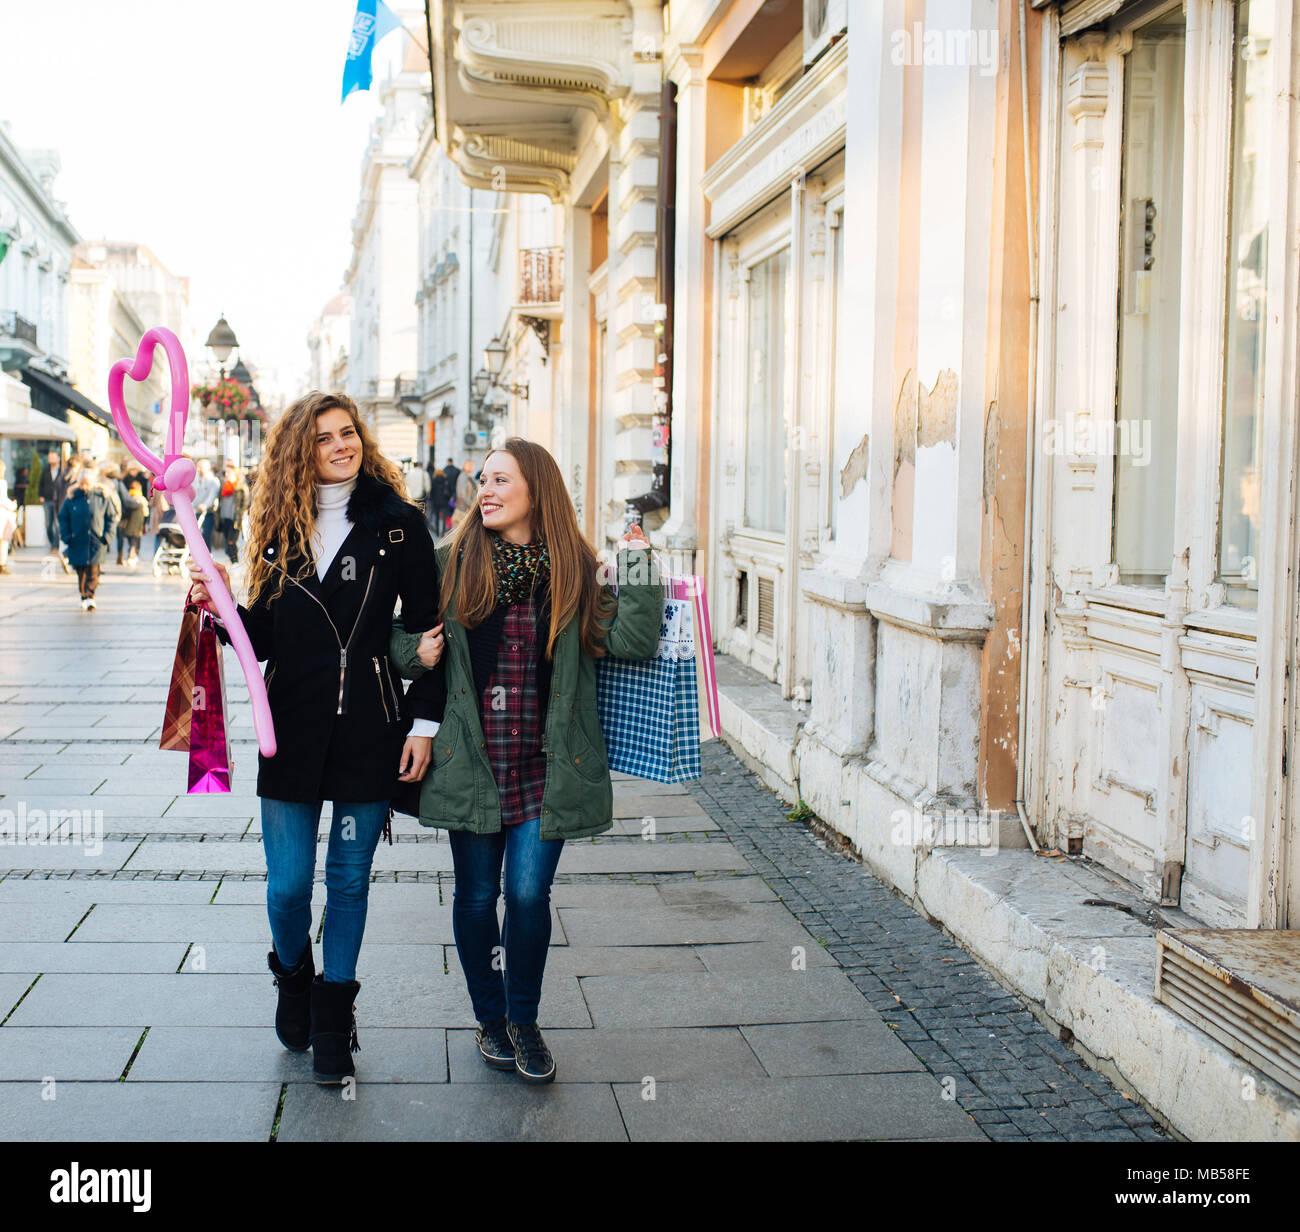 Dos mujeres jóvenes y atractivas está satisfecho con las compras y pasear por la calle Imagen De Stock